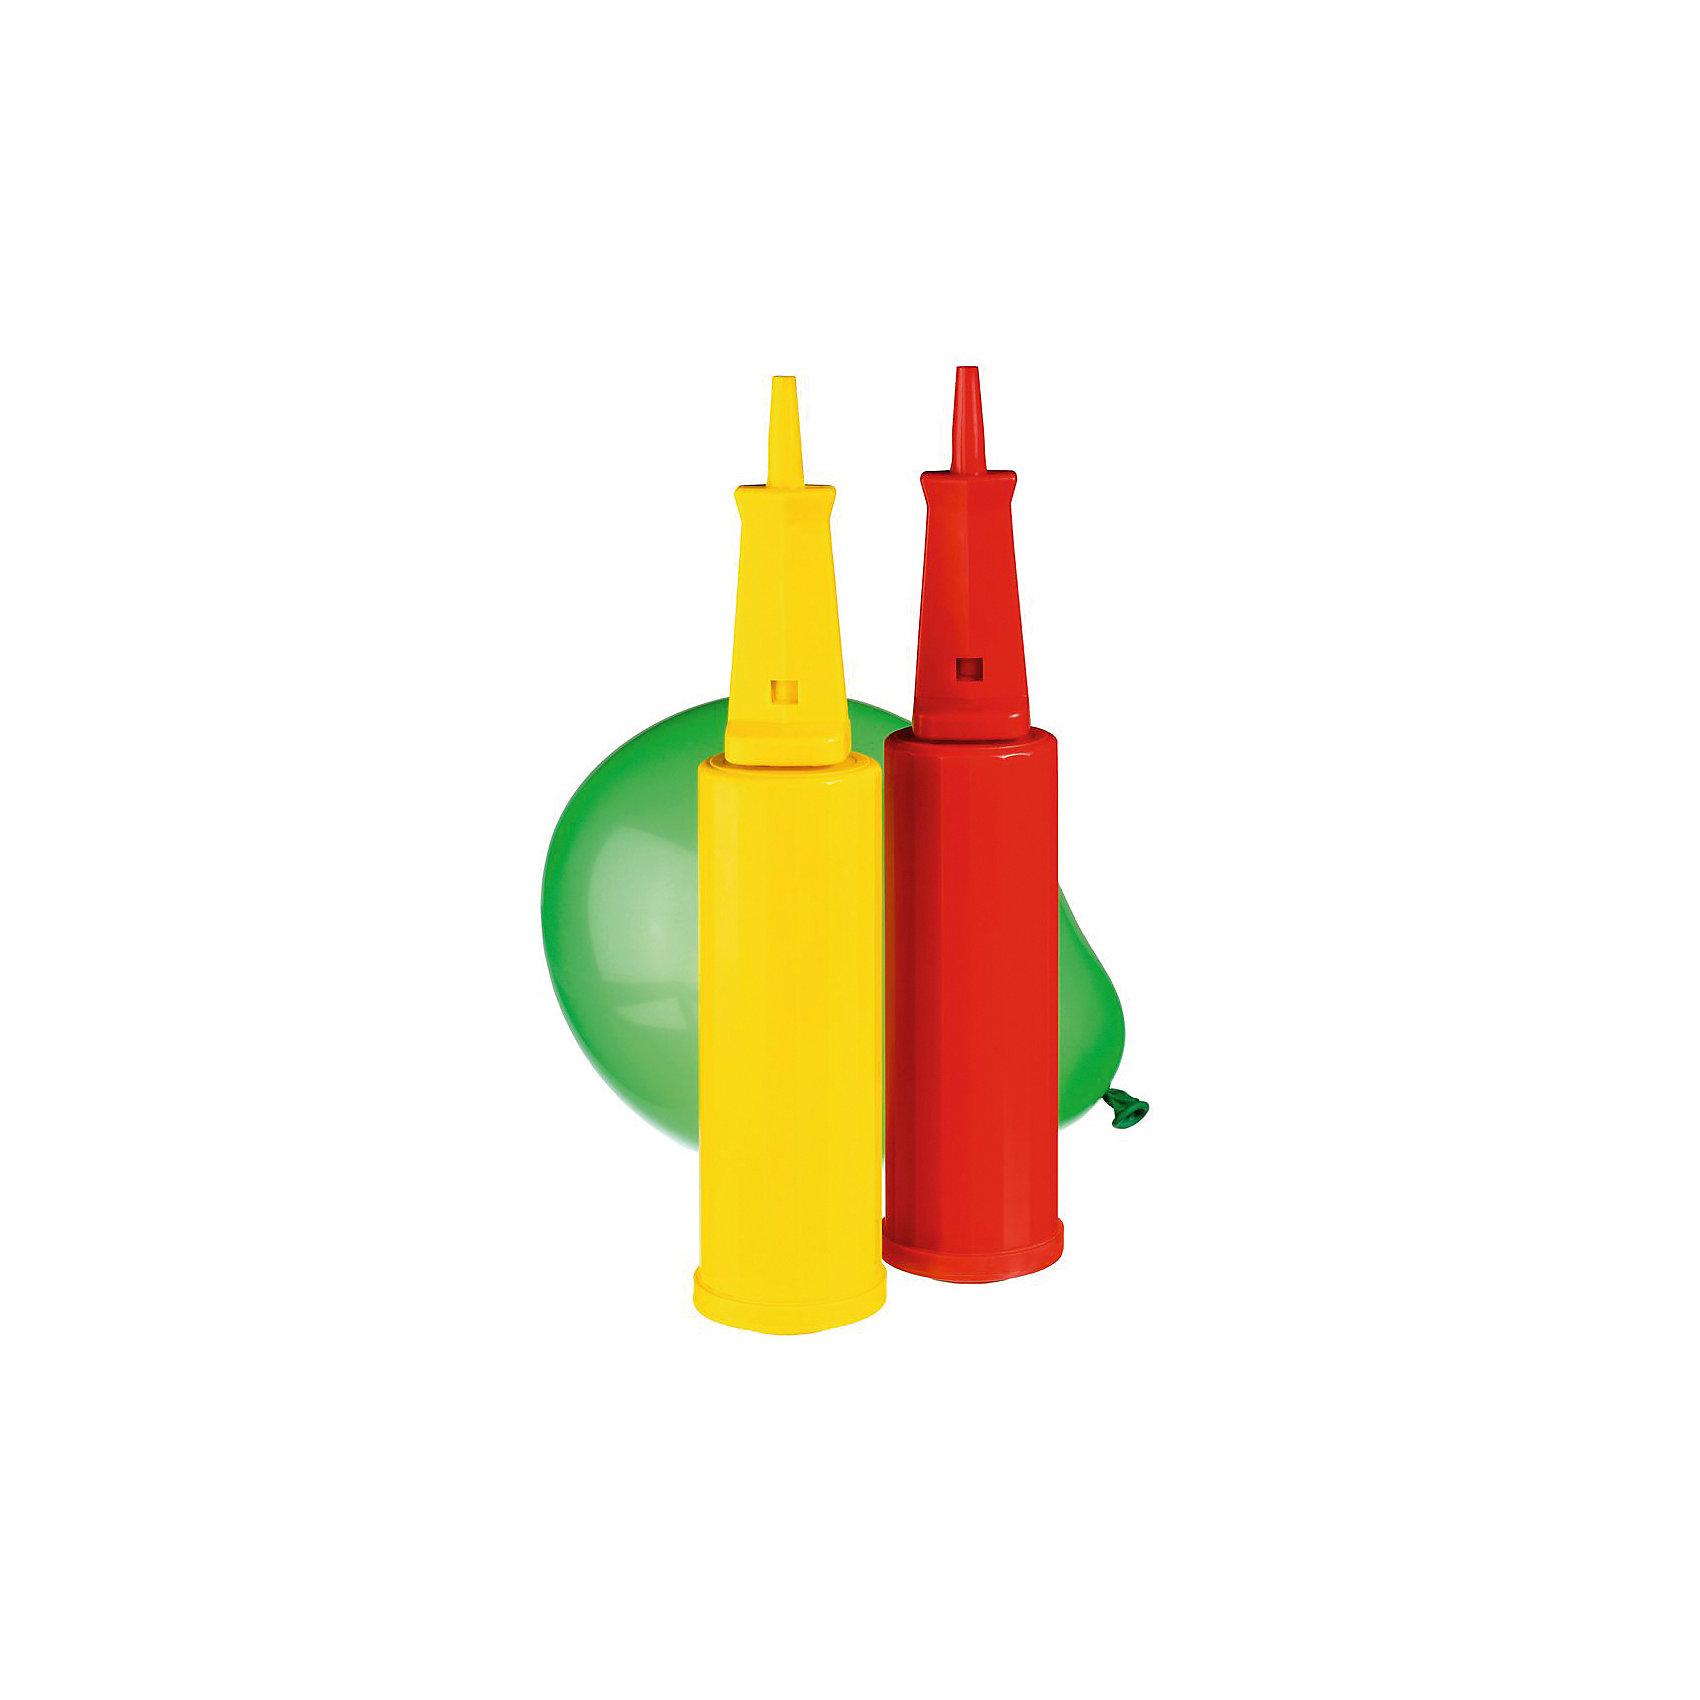 Насос для воздушных шаровАксессуары для детского праздника<br>Характеристики товара:<br><br>• возраст: от 3 лет<br>• цвет: мульти<br>• материал: пластик<br>• размер упаковки: 6х11х38 см<br>• ручной<br>• вес: 100 г<br>• страна бренда: Германия<br>• страна изготовитель: Германия<br><br>Красивые воздушные шары помогут создать ощущение праздника.Чтобы быстро и без усилий их надуть, создан этот небольшой удобный насос, с которым справится даже ребенок.<br><br>Изделие произведено из безопасного для детей материала.<br><br>Насос для воздушных шаров от бренда Herlitz (Херлиц) можно купить в нашем интернет-магазине.<br><br>Ширина мм: 58<br>Глубина мм: 110<br>Высота мм: 380<br>Вес г: 112<br>Возраст от месяцев: 36<br>Возраст до месяцев: 2147483647<br>Пол: Унисекс<br>Возраст: Детский<br>SKU: 6886500